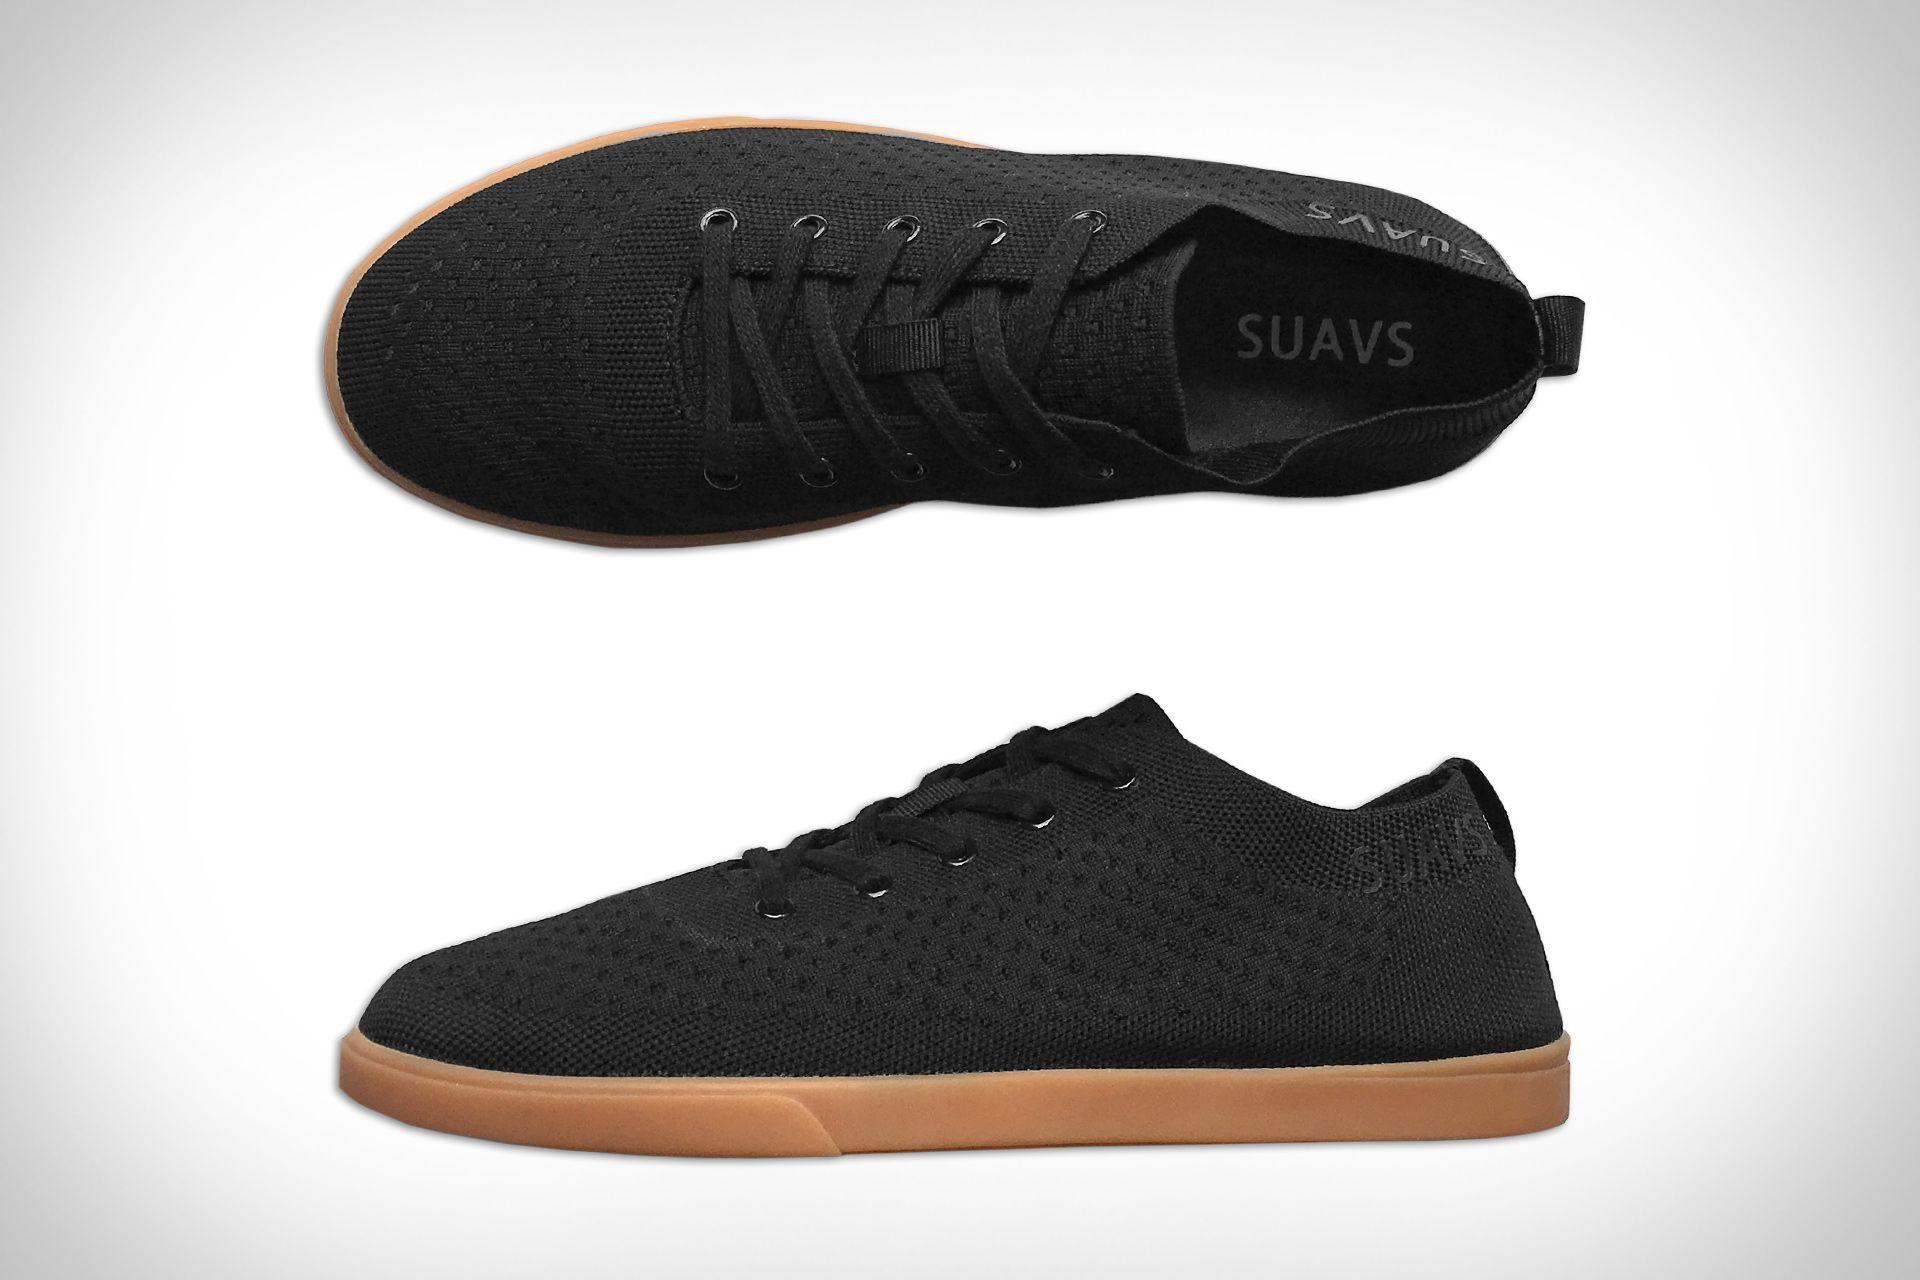 Suavs Zilker Shoe | Shoes, All black